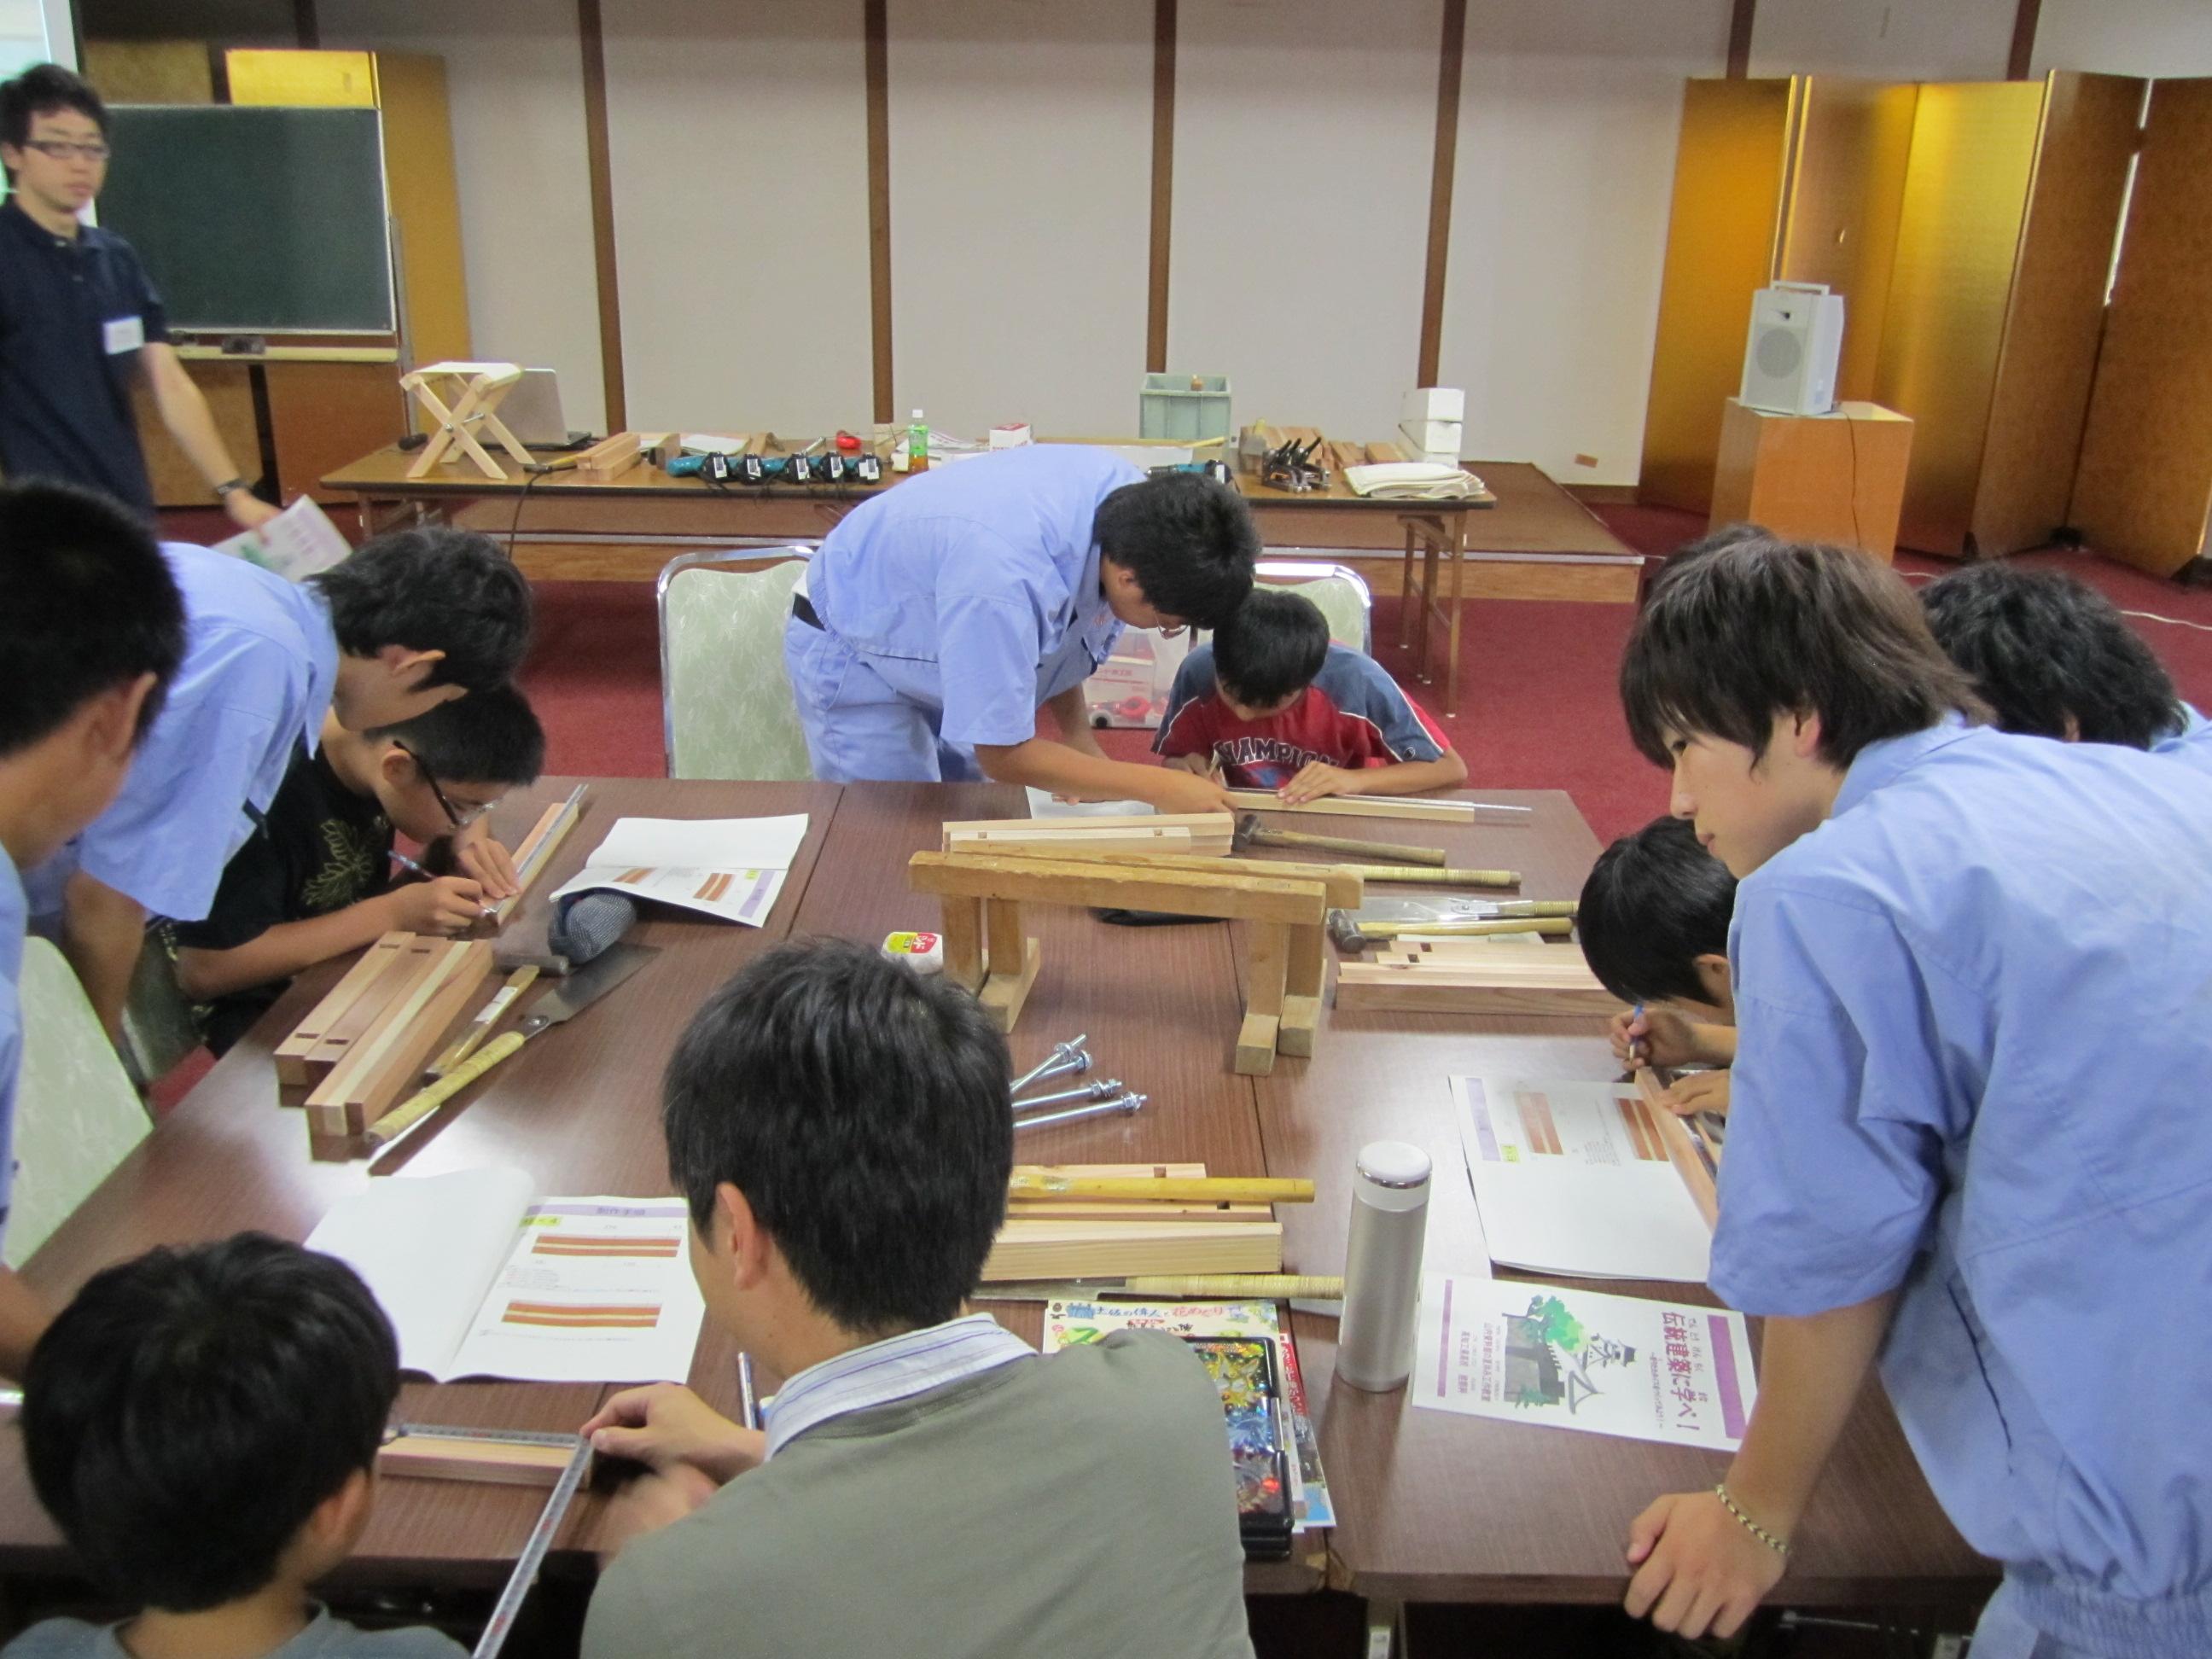 夏休み工作教室 伝統建築に学ぶ イスをつくってみよう!